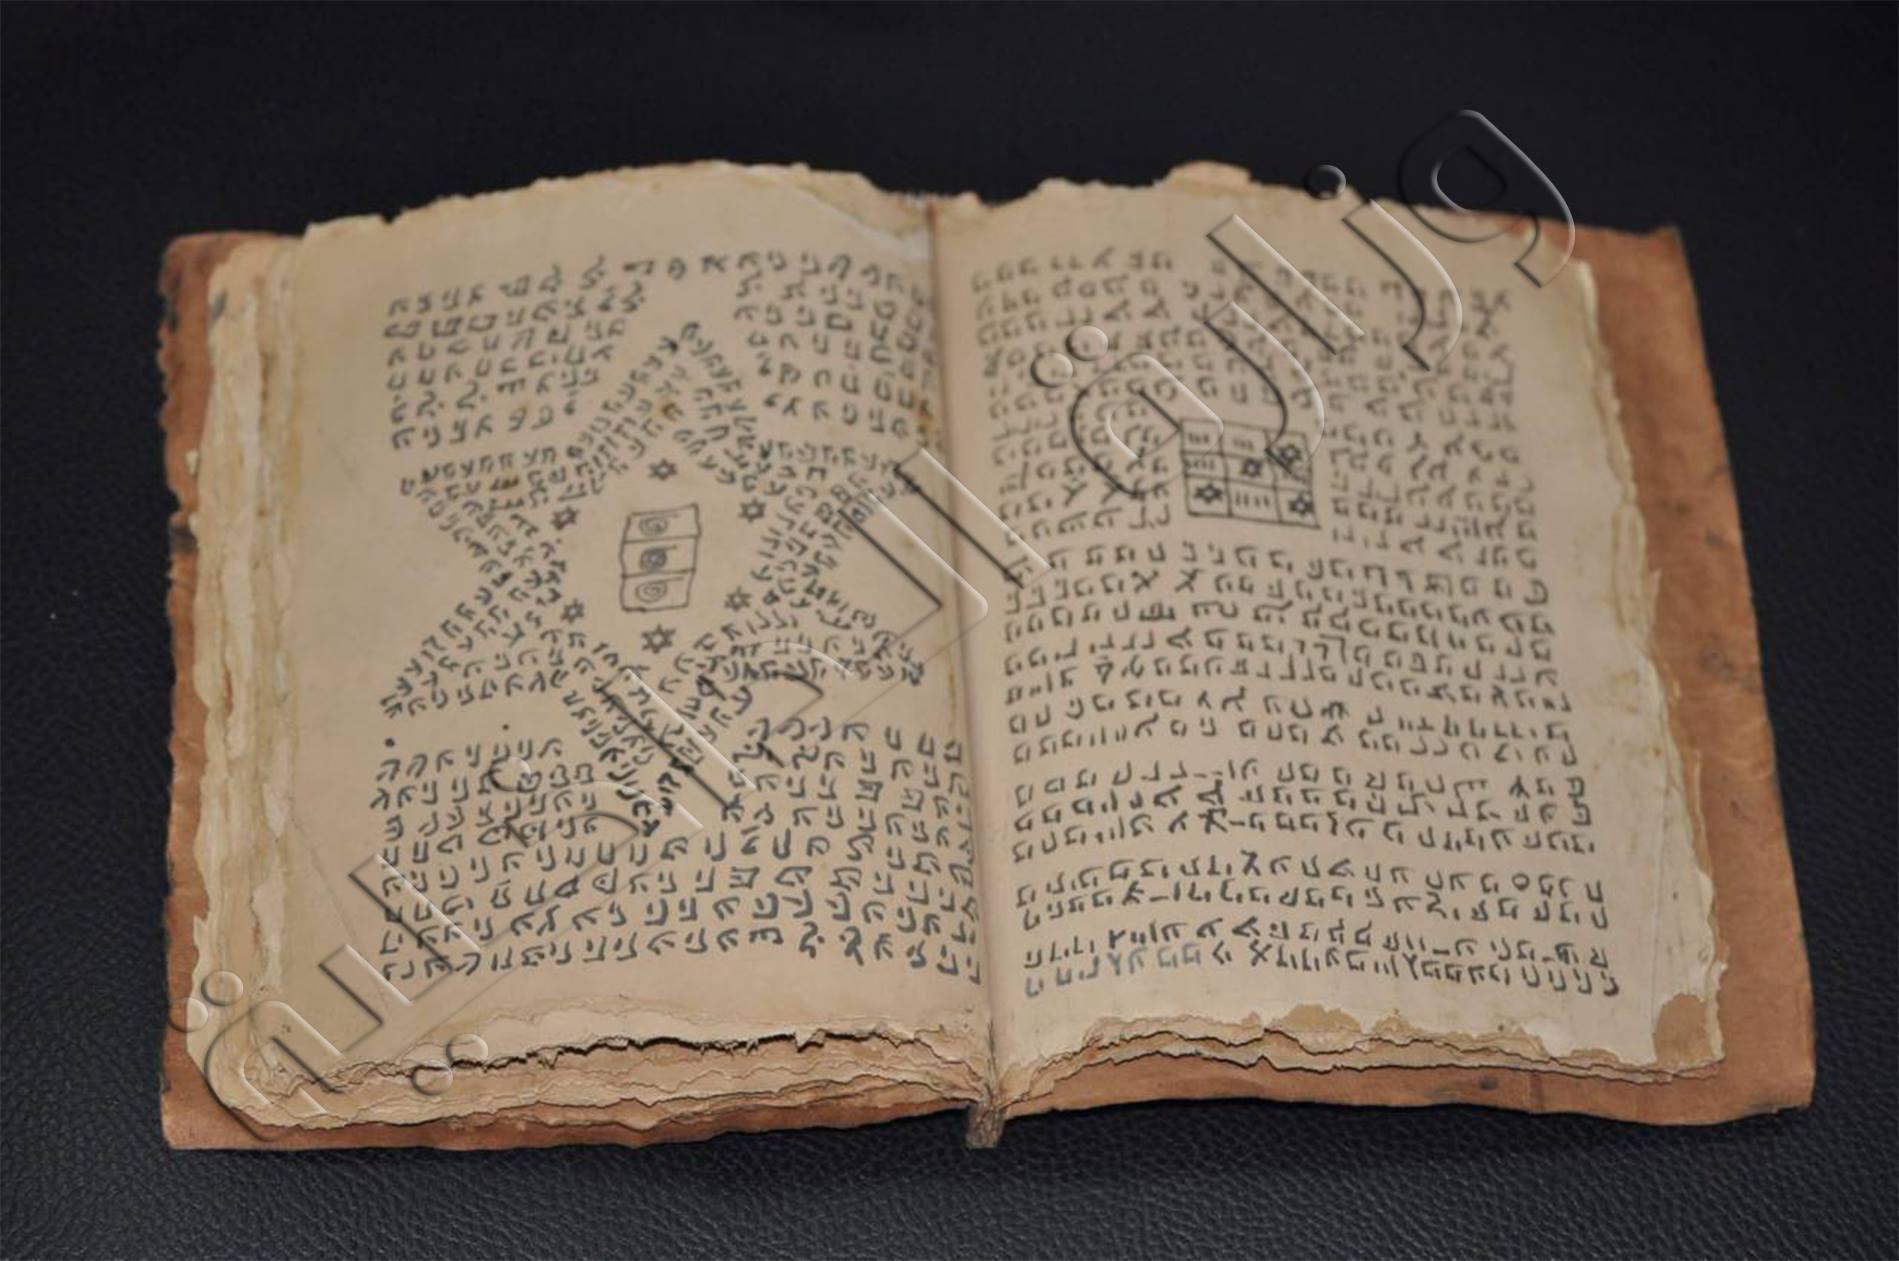 إيقاف 6 أشخاص من أجل بيع مخطوطة عبرية بقيمة 12 مليون دينار (صور)